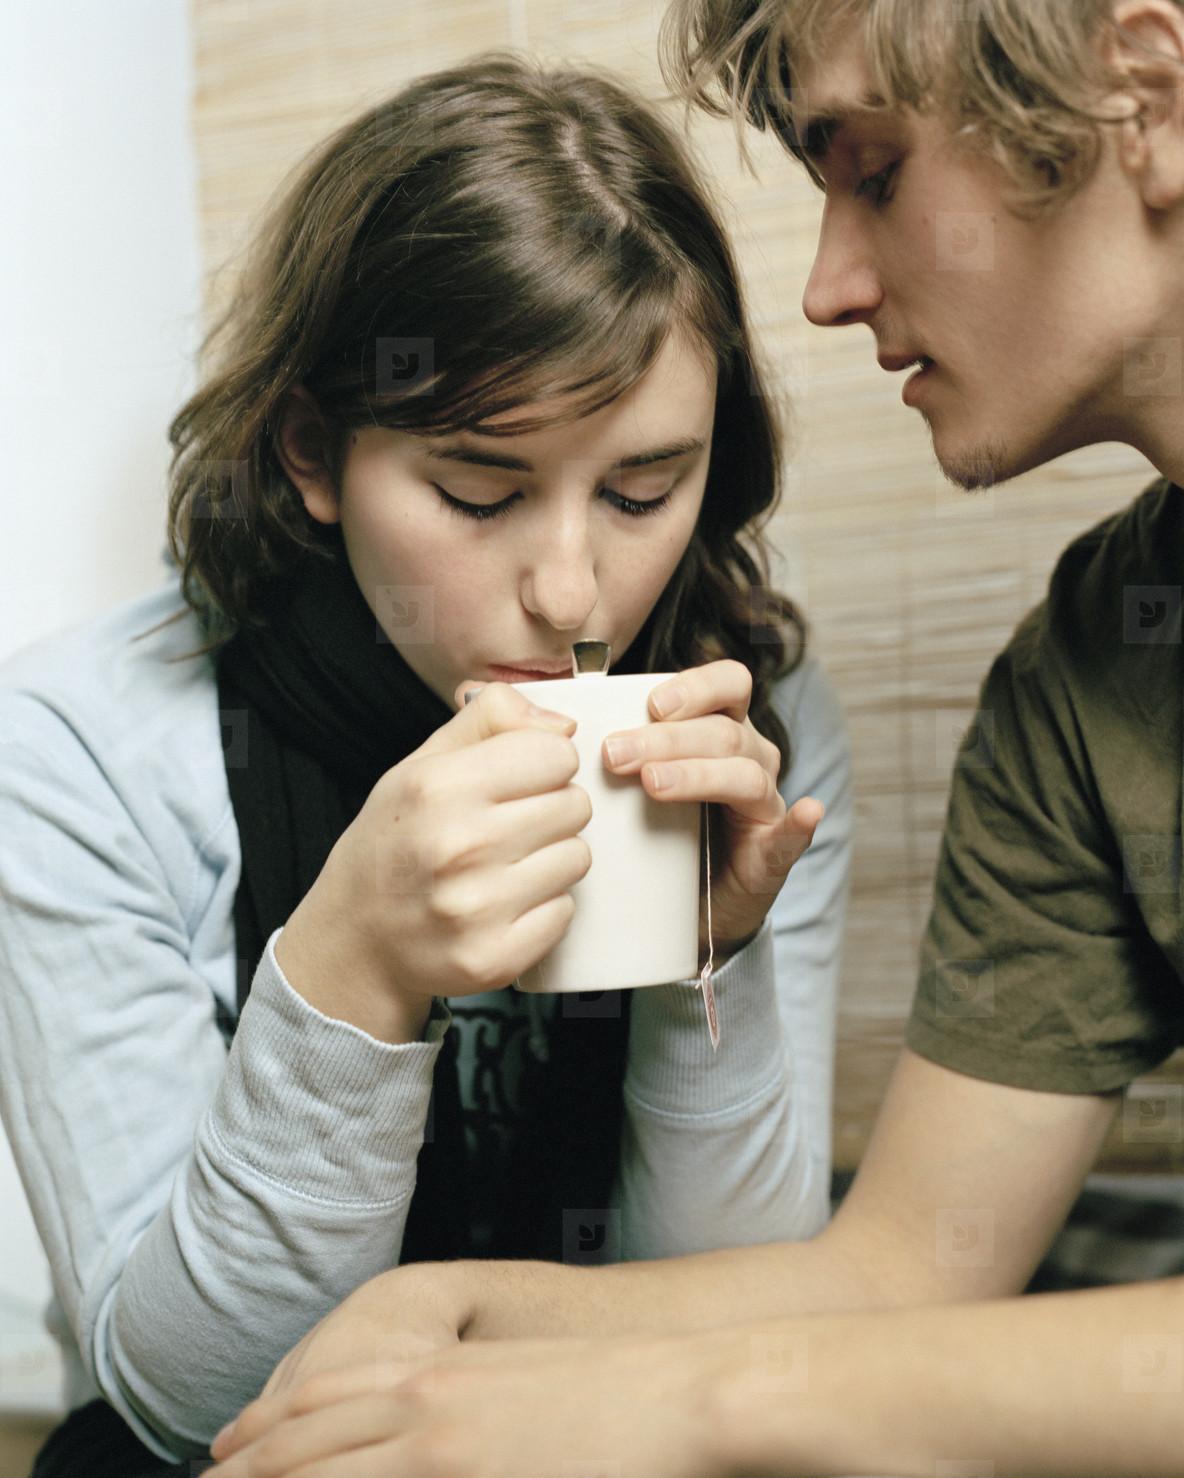 Teenage Couple Fun  08